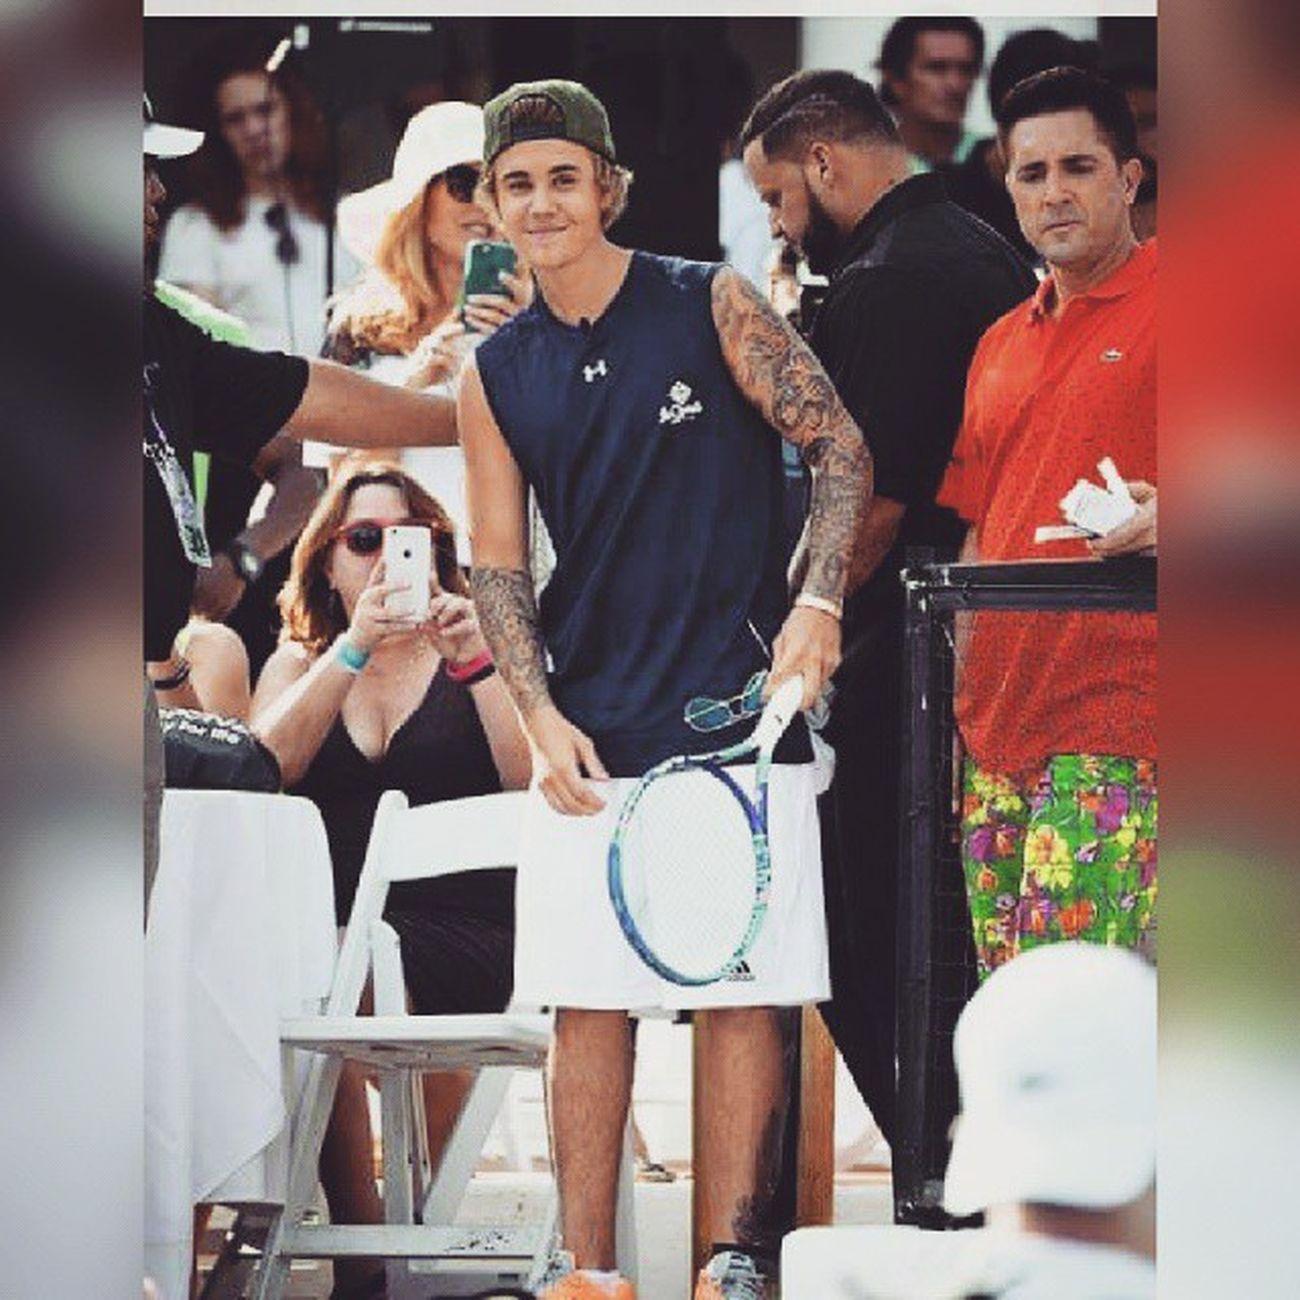 Babe😍😍😍😍 Justinbieber Swag Sirbizzle MCM 😻😻😻😻😻👌👌👌